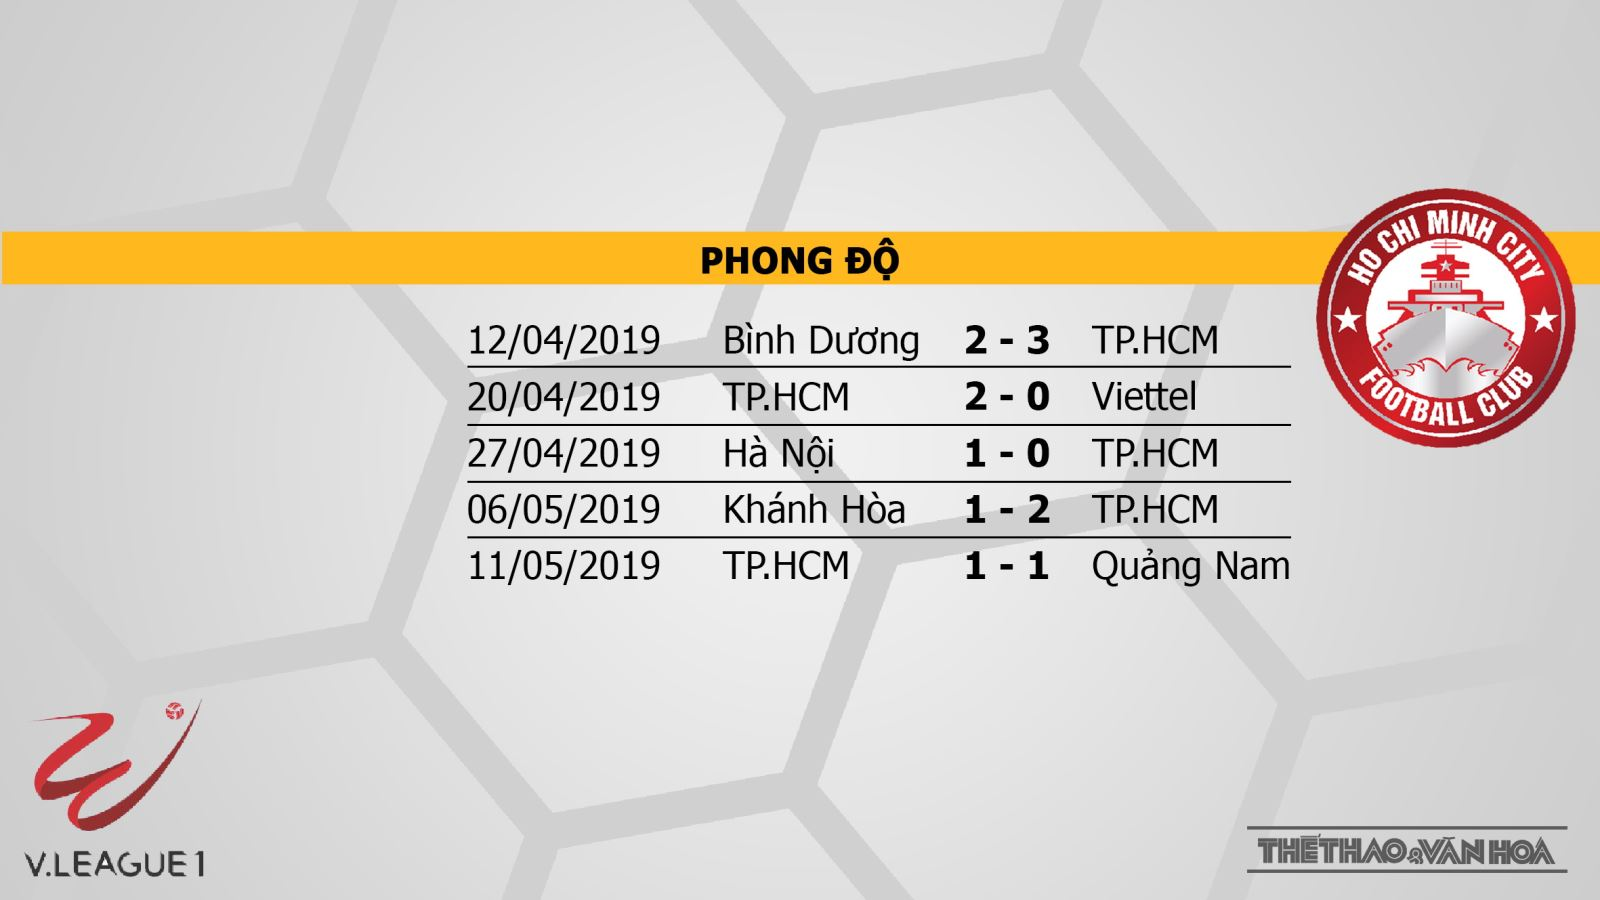 Than Quảng Ninh vsTP.Hồ Chí Minh, Than Quảng Ninh, truc tiep bong da, trực tiếp bóng đá, truc tiep Than Quang Ninh vs TP Ho Chi Minh, VTV6, bong da truc tuyen, FPT, BĐTV, V League